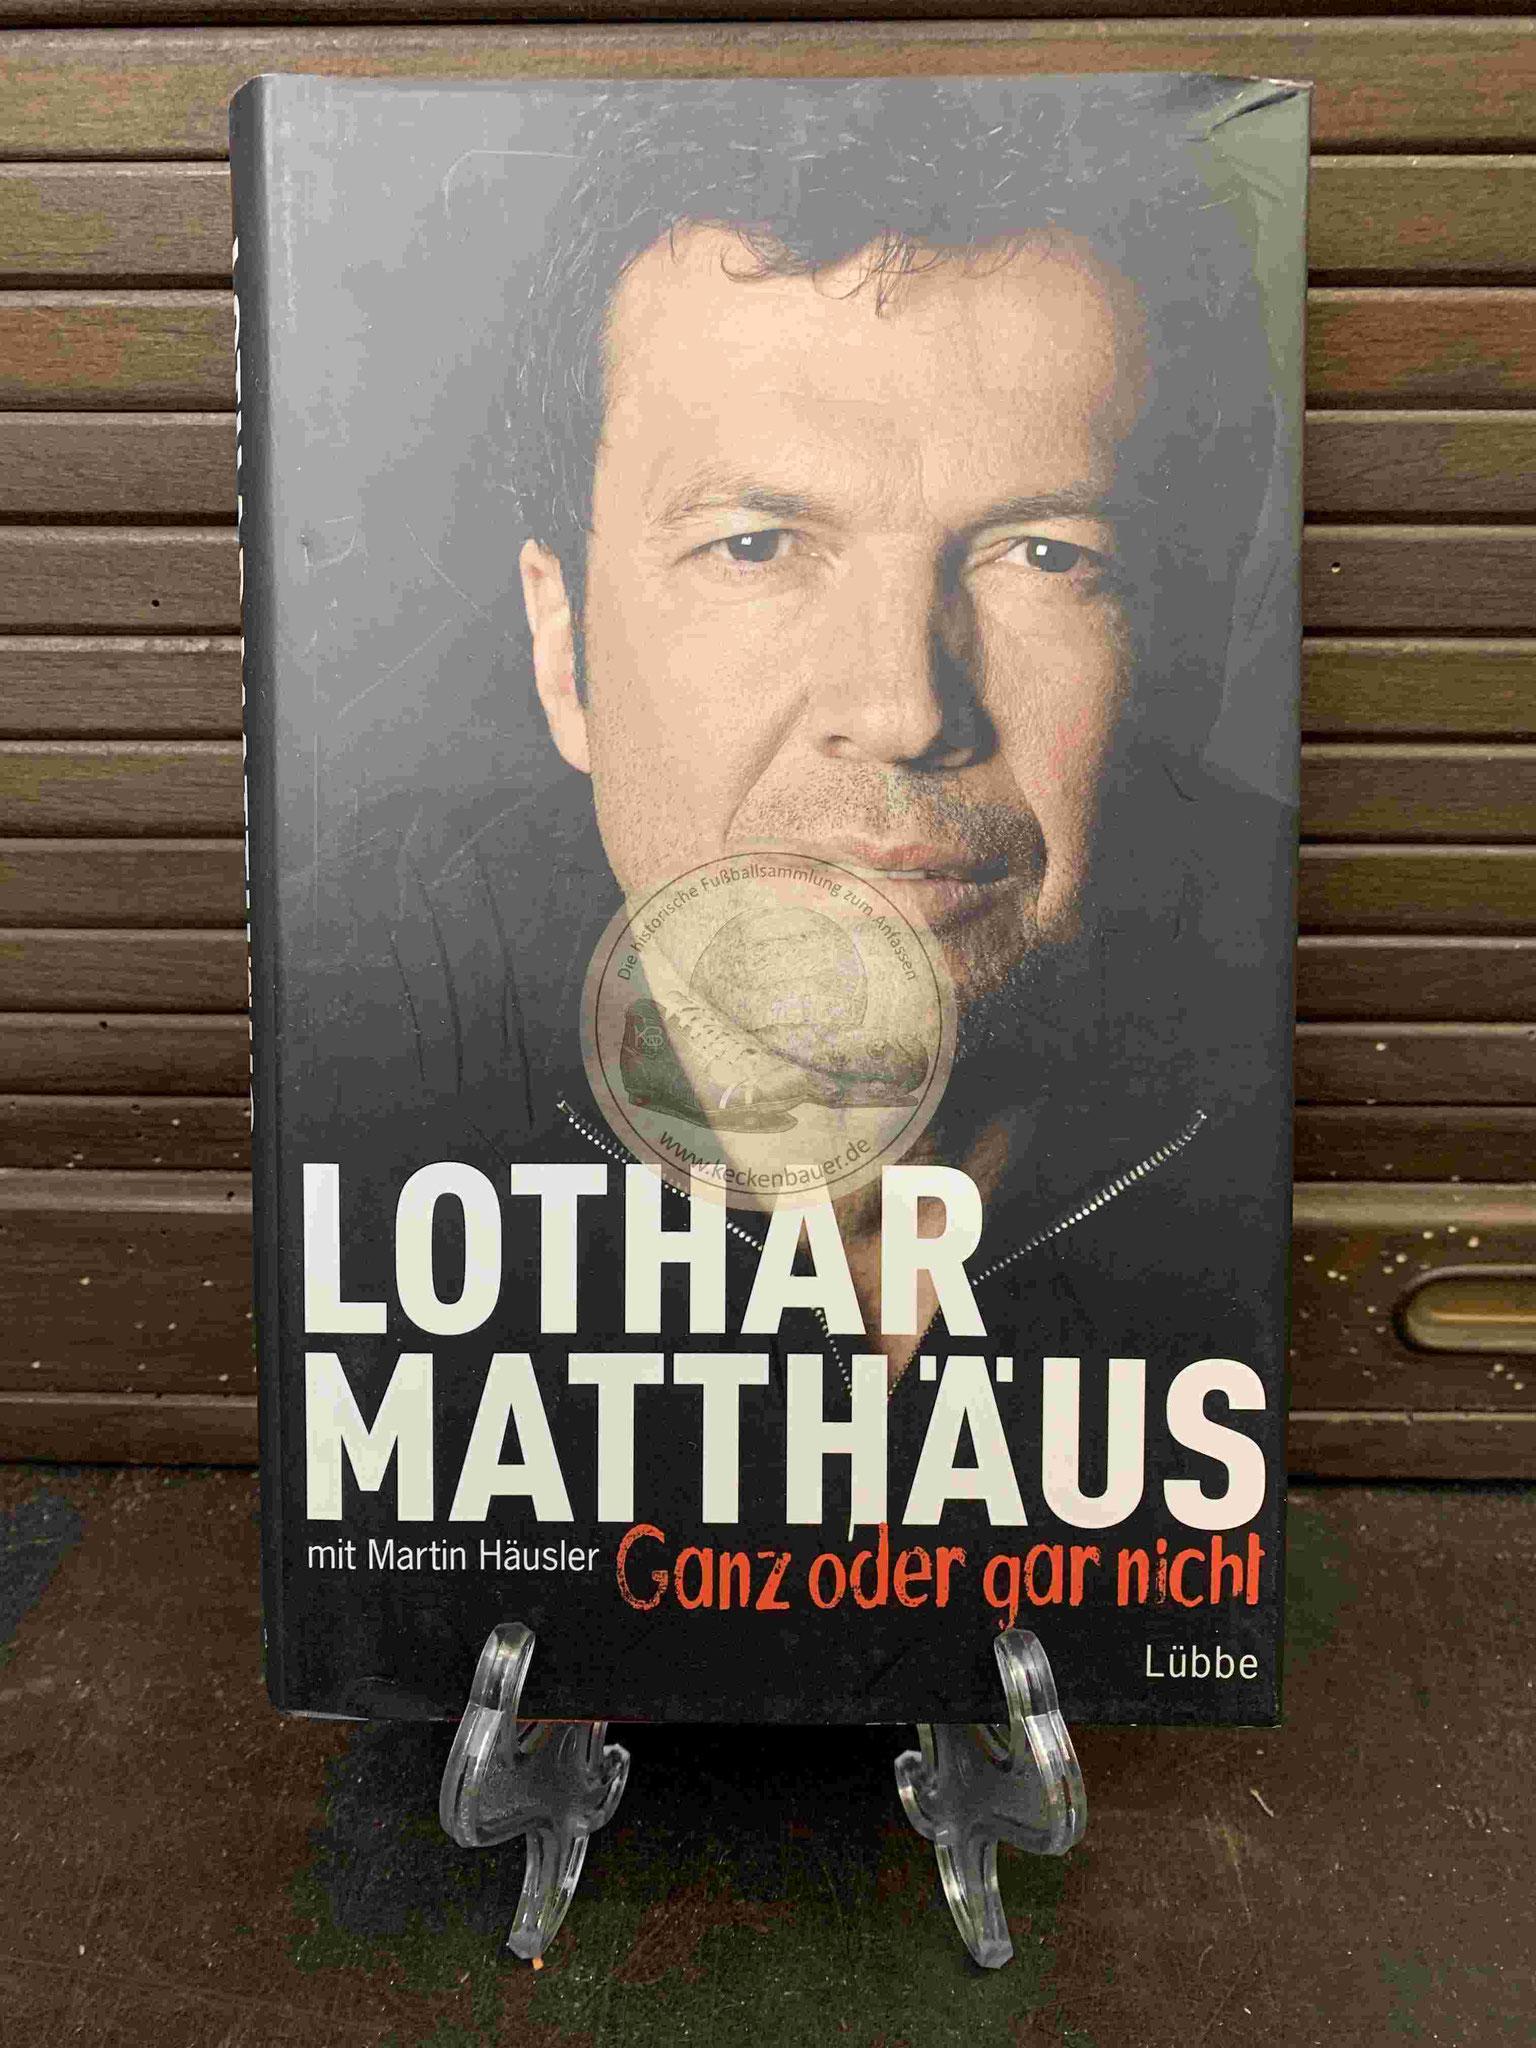 Lothar Matthäus Ganz oder gar nicht aus dem Jahr 2012